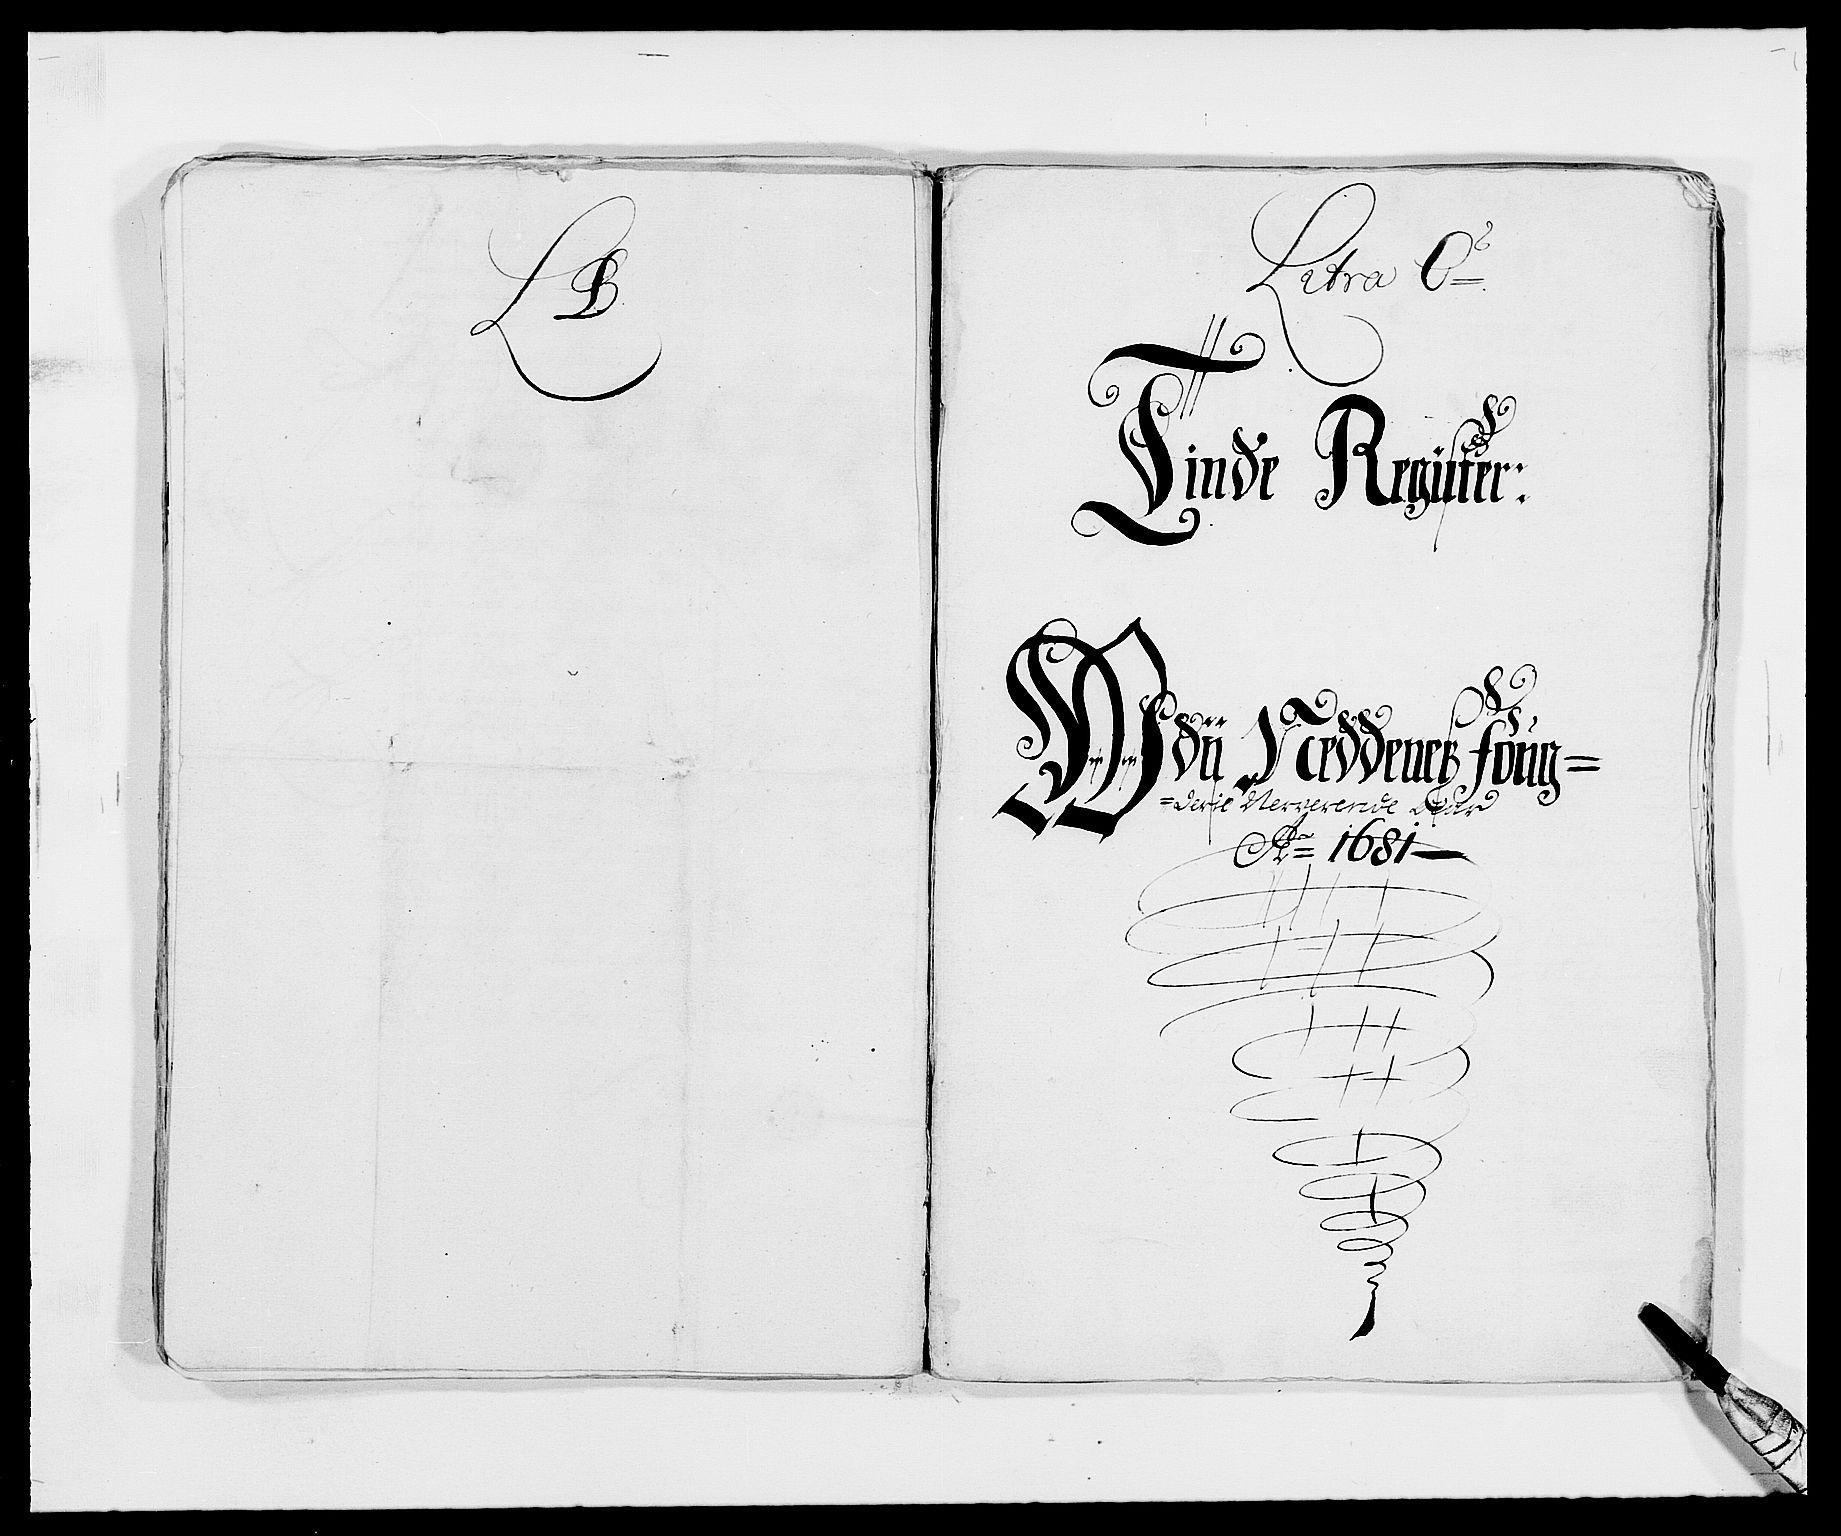 RA, Rentekammeret inntil 1814, Reviderte regnskaper, Fogderegnskap, R39/L2304: Fogderegnskap Nedenes, 1680-1682, s. 192